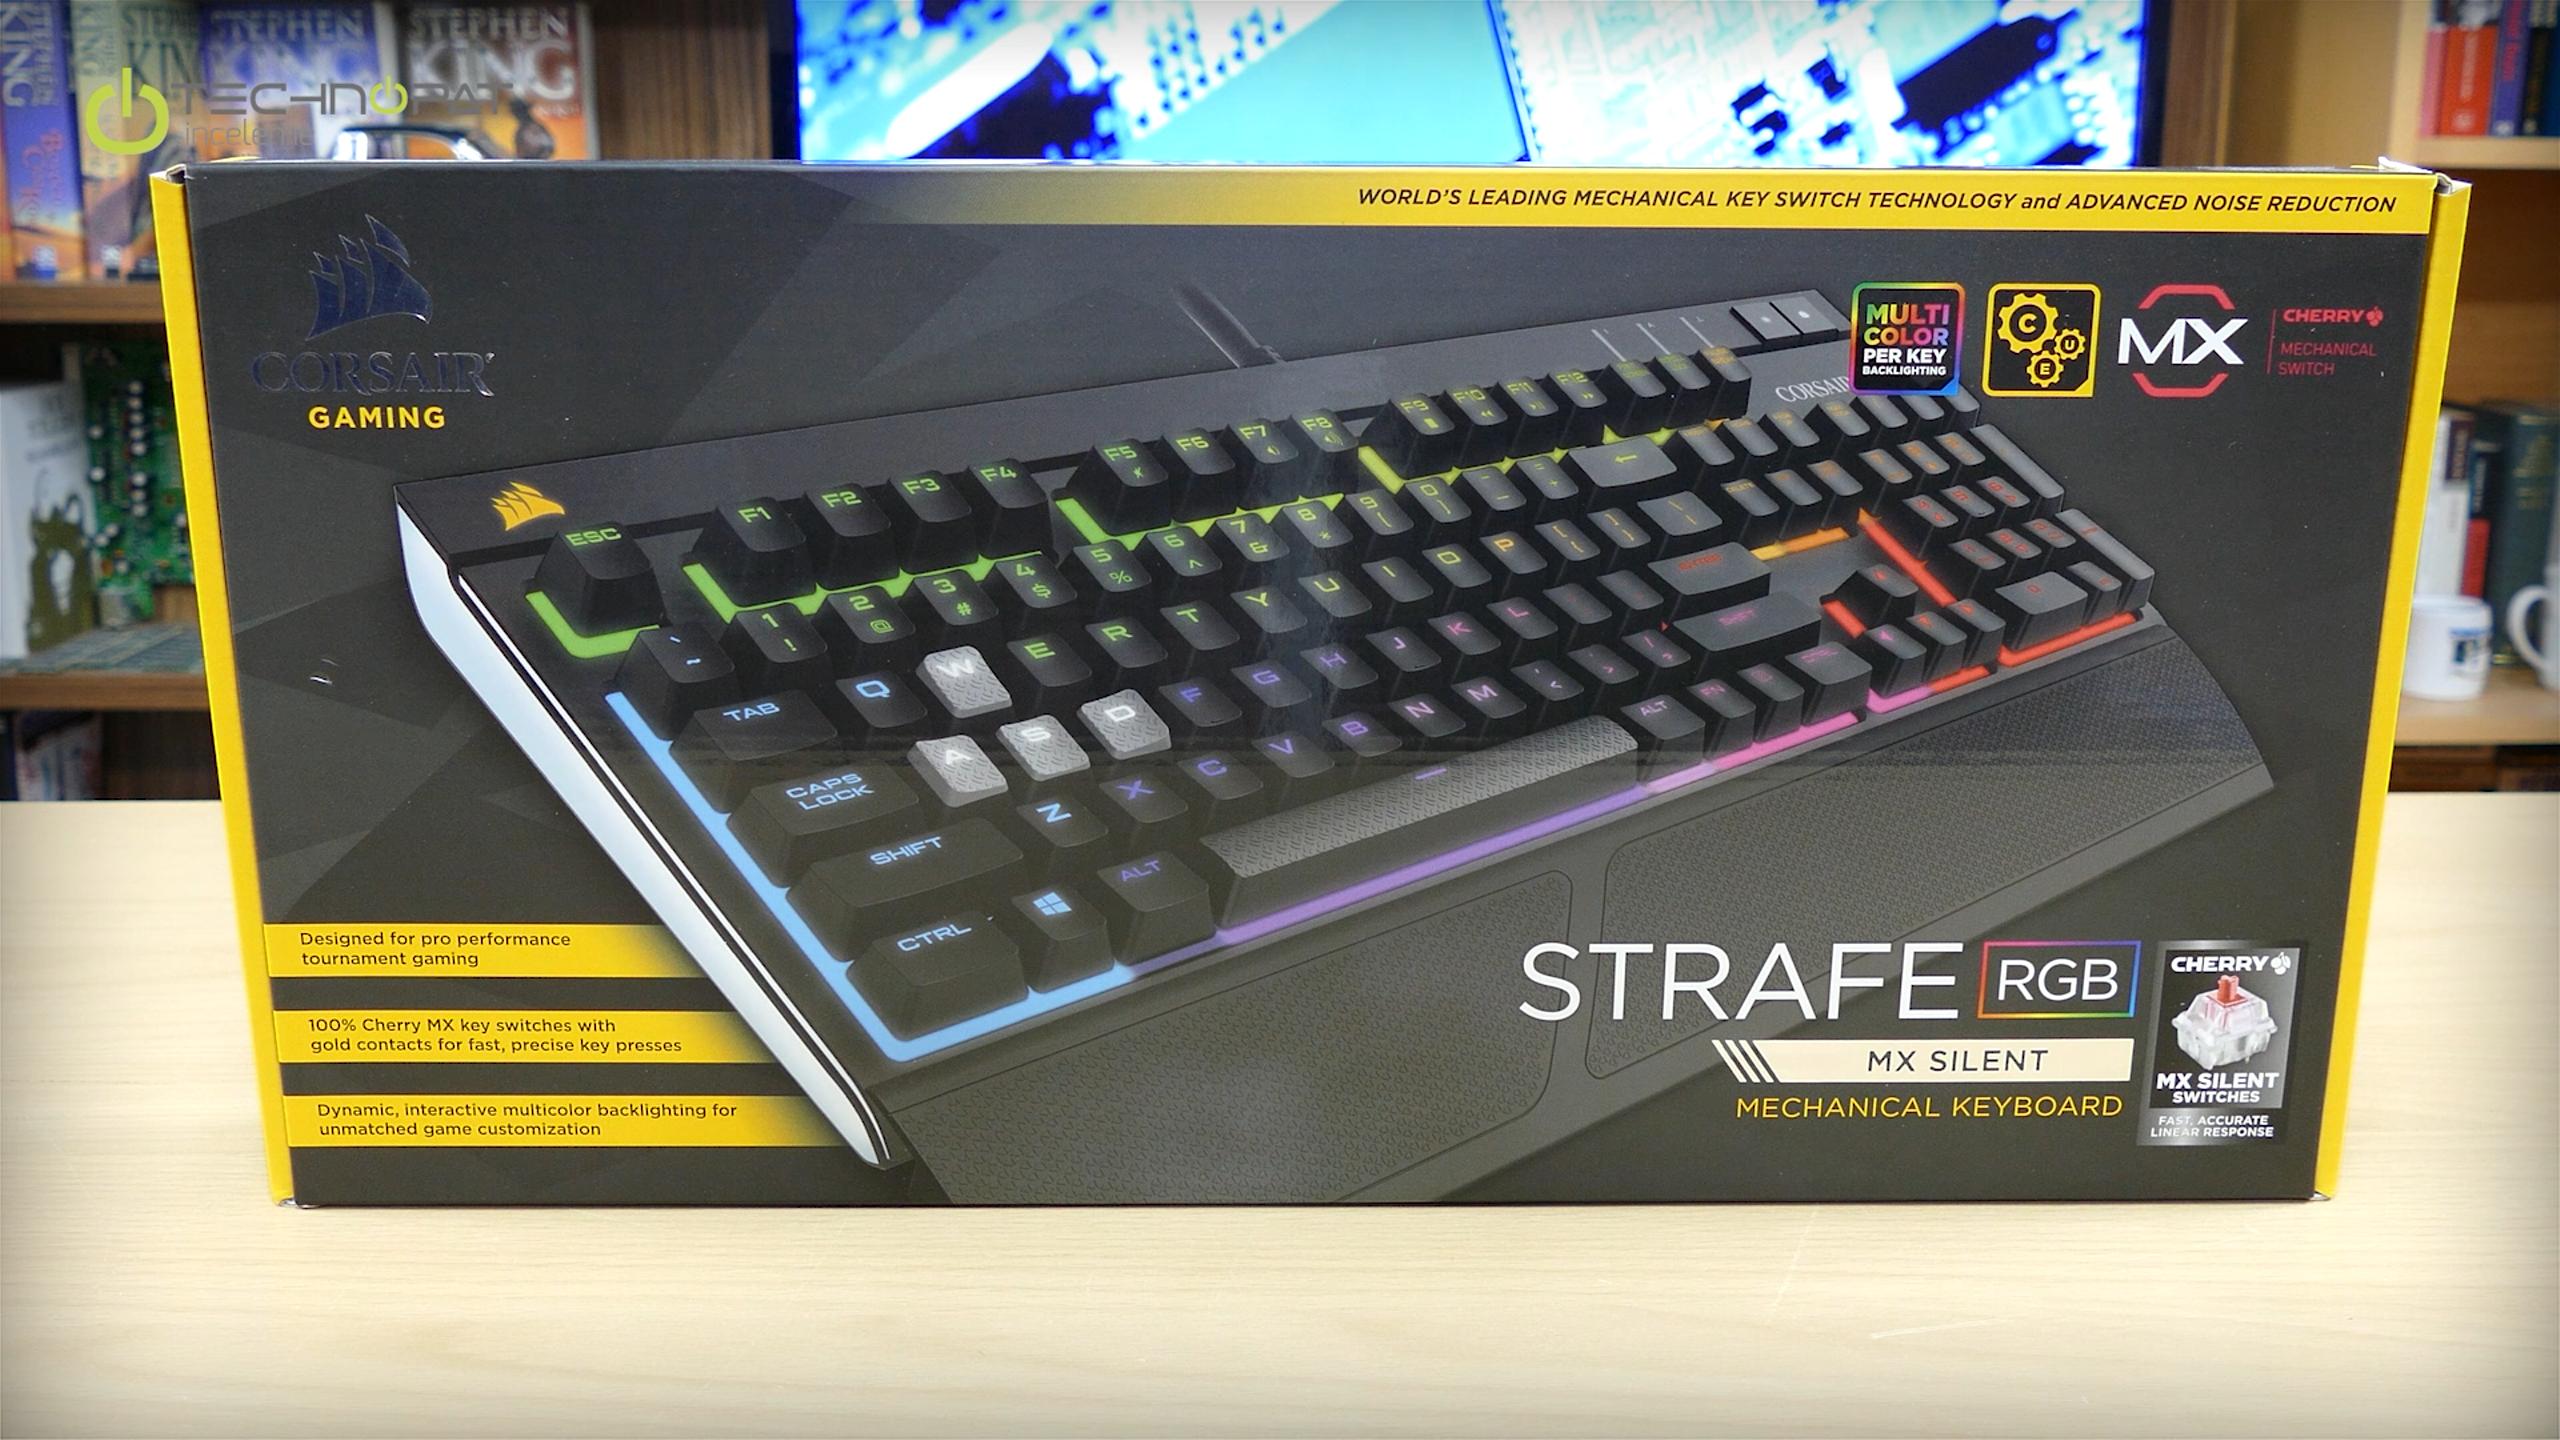 Corsair Strafe RGB - MX Silent Mekanik Oyuncu Klavyesi İncelemesi